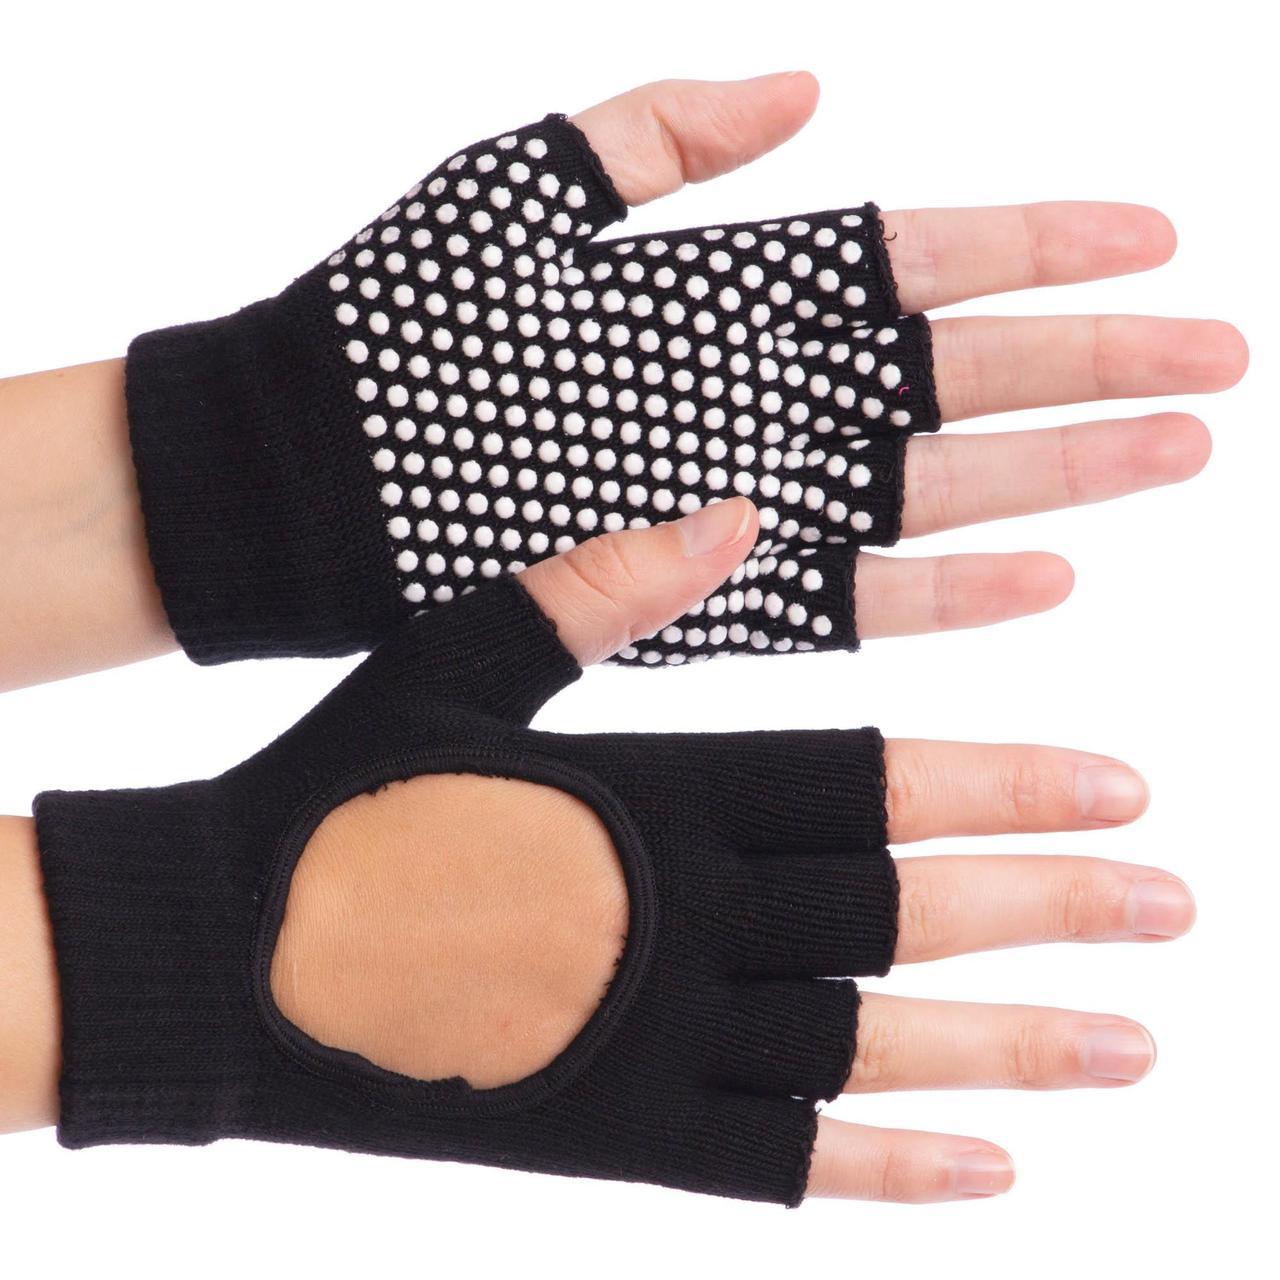 Перчатки для йоги и танцев без пальцев FI-8367 (хлопок, спандекс, эластан, цвета в ассортименте)